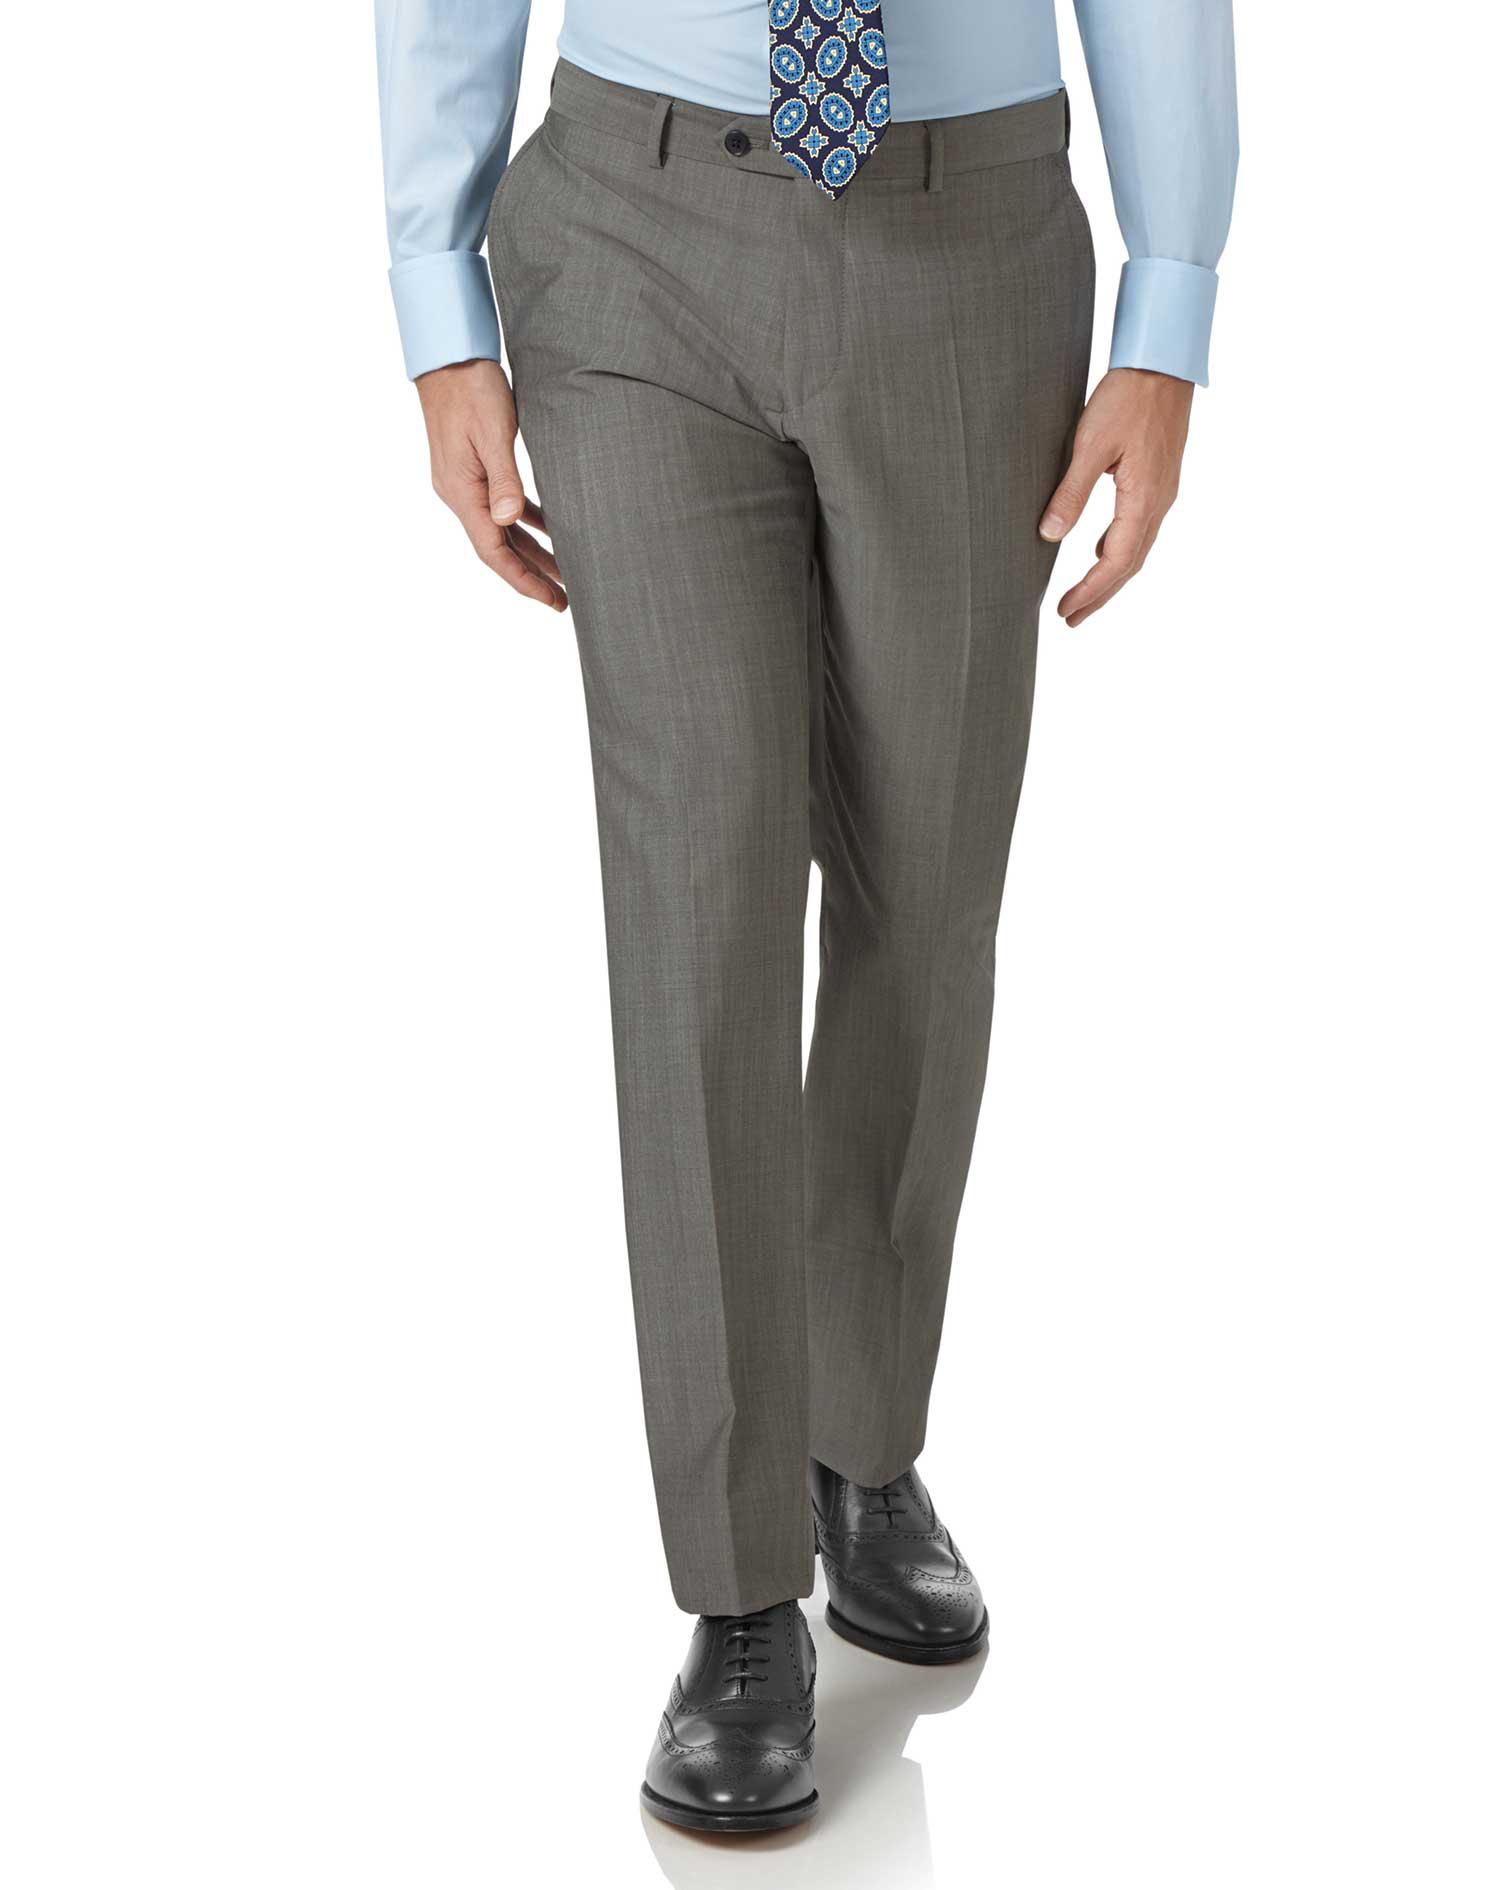 Grey Slim Fit Italian Wool Luxury Suit Trousers Size W32 L34 by Charles Tyrwhitt